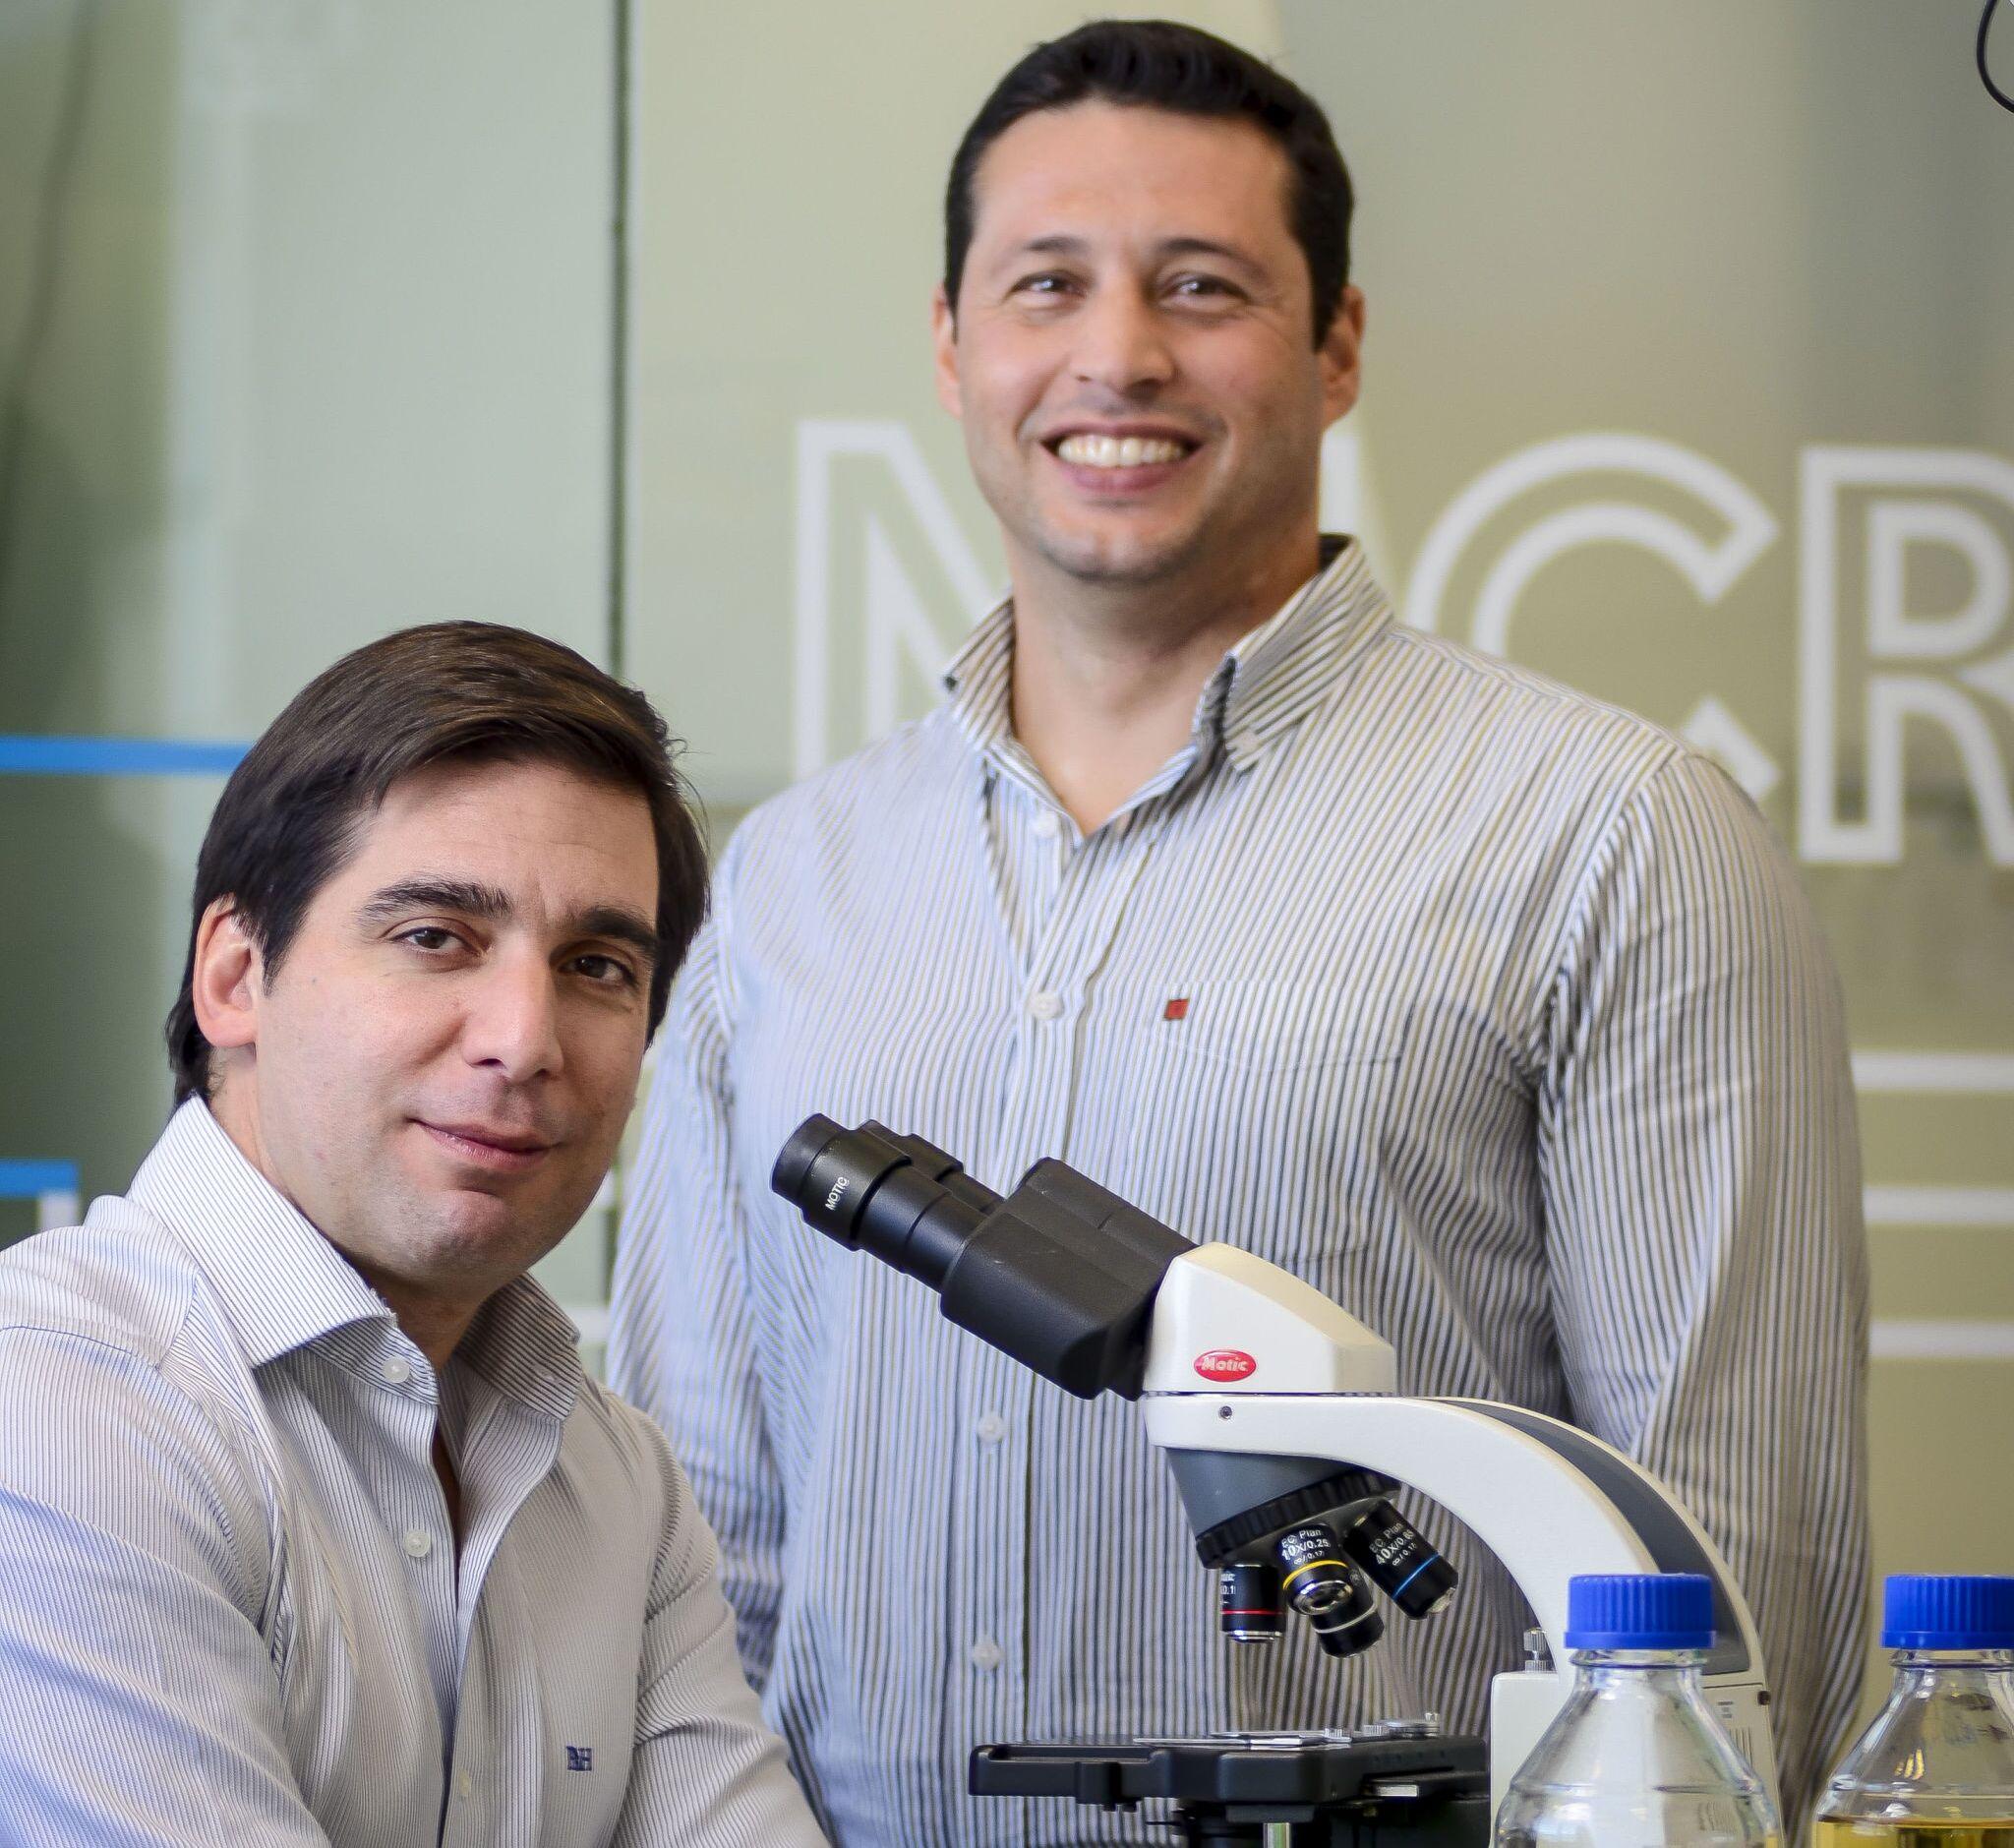 Pedro Madureira e Bruno Santos, co-fundadores da empresa portuguesa Immunethep